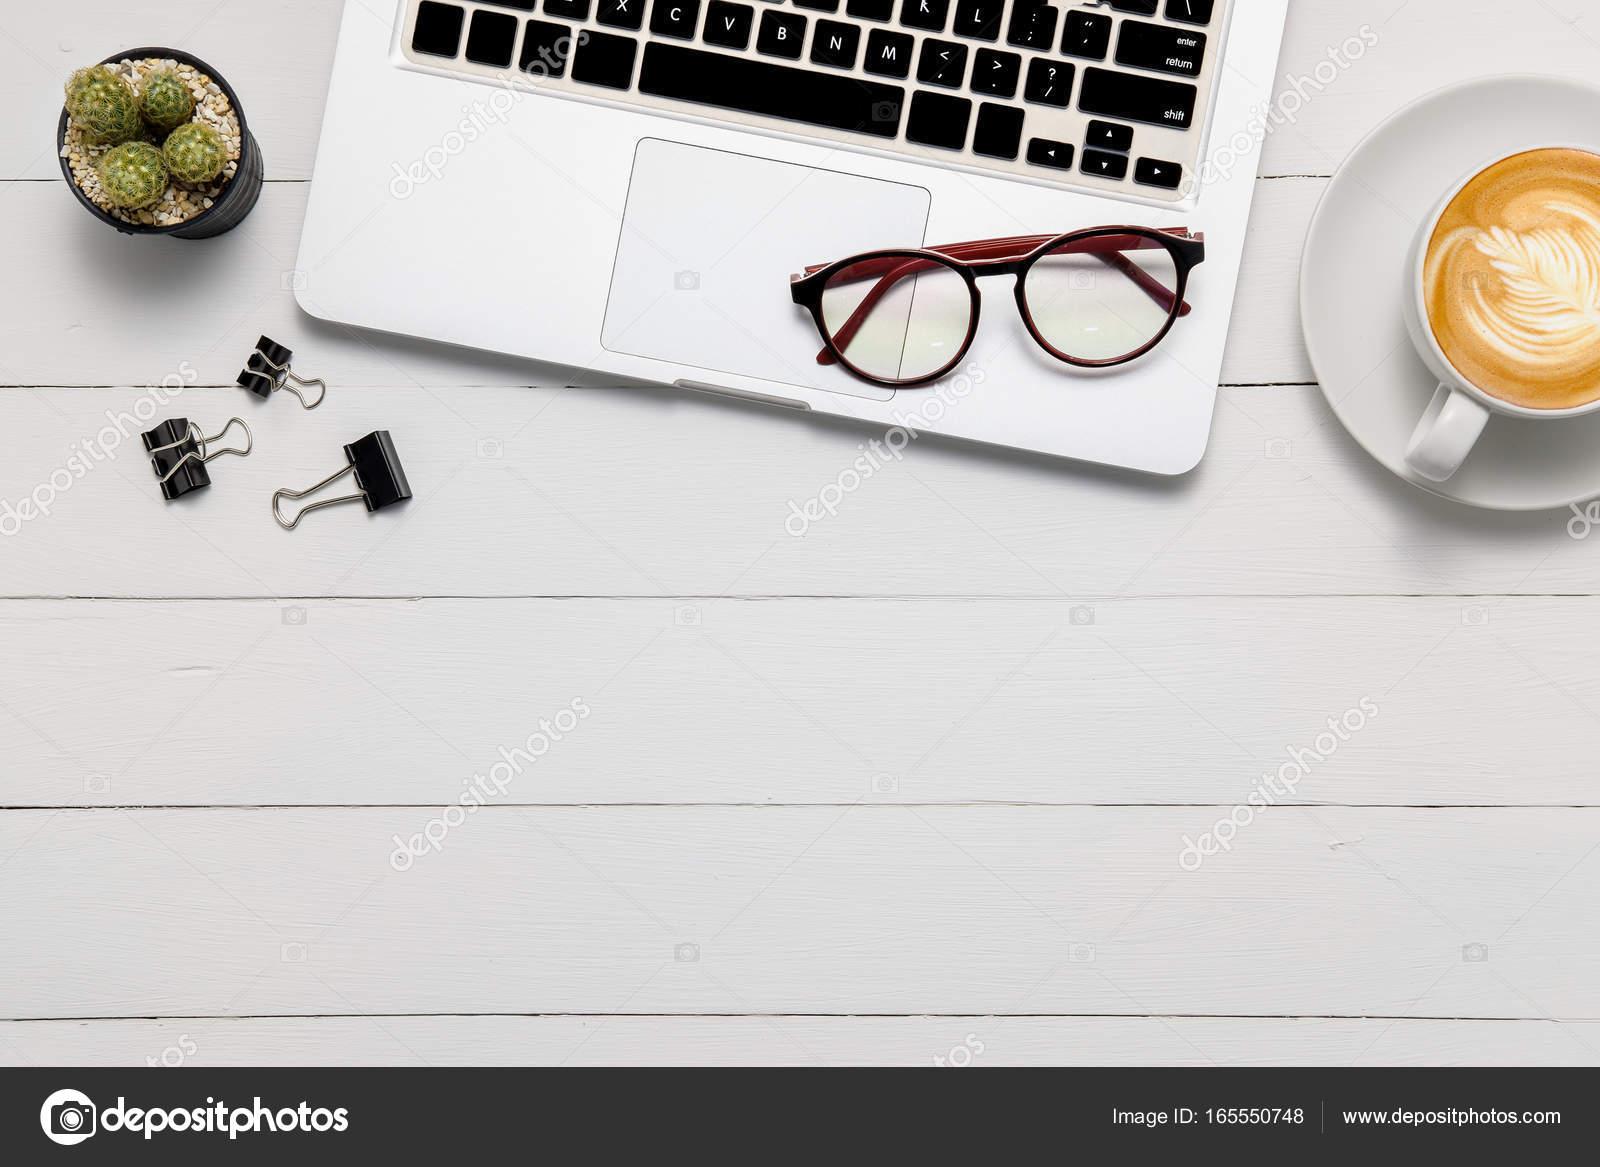 Tavolo Ufficio Bianco : Tavolo scrivania ufficio bianco con gli occhiali u2014 foto stock